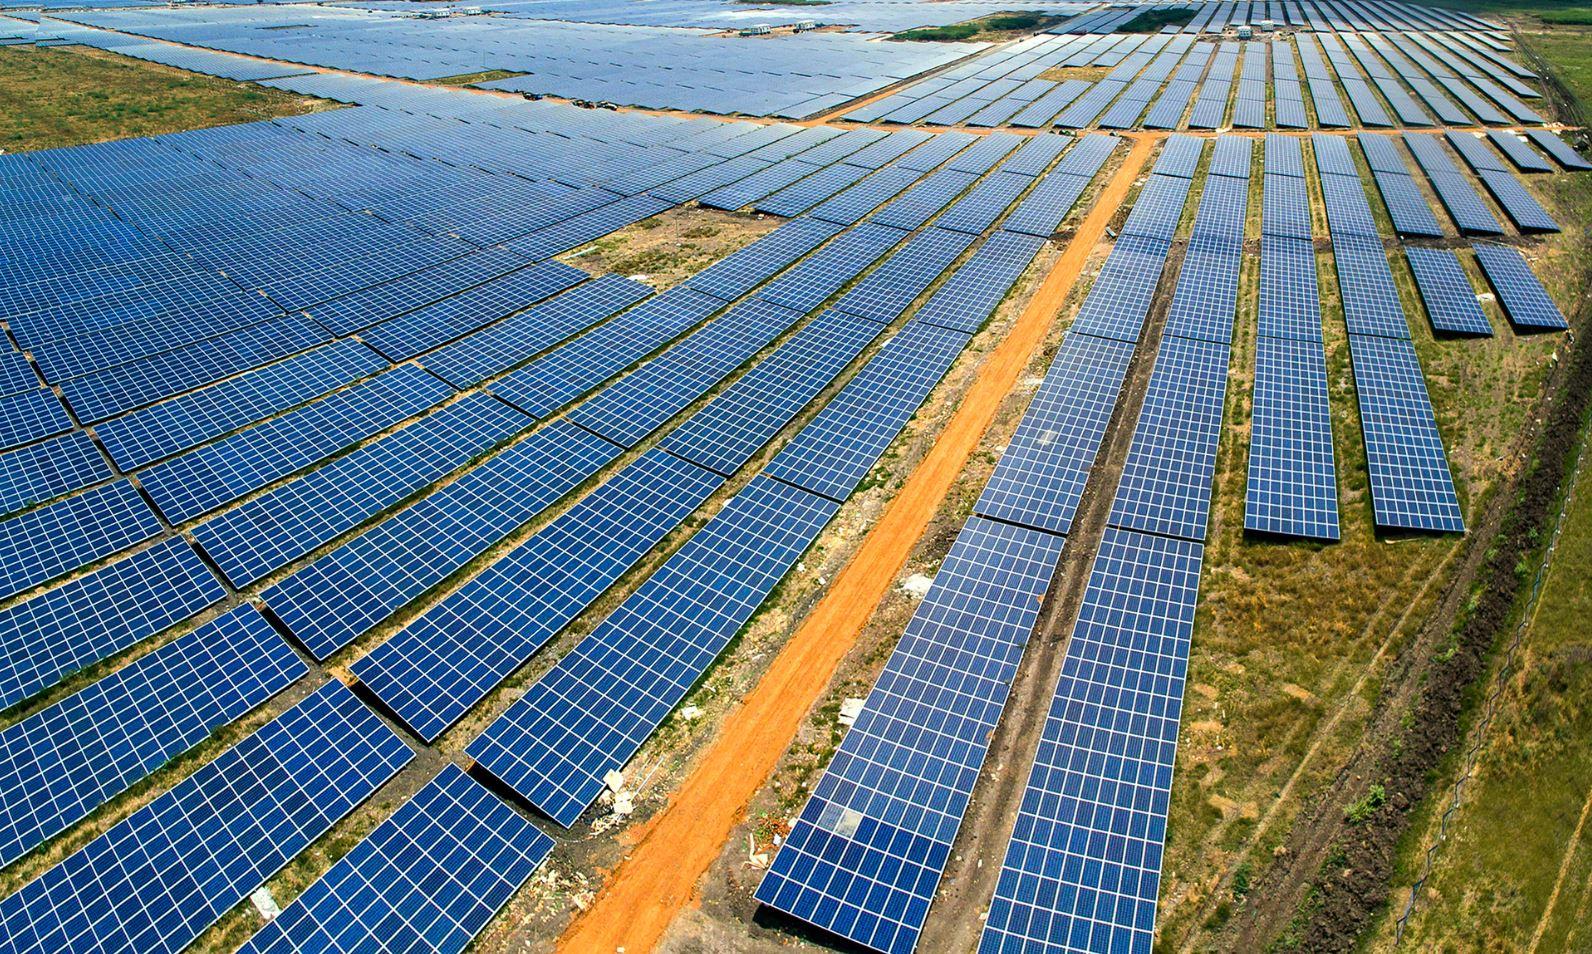 Tham vọng năng lượng mặt trời của Ấn Độ có thể đẩy than đá vào quá khứ